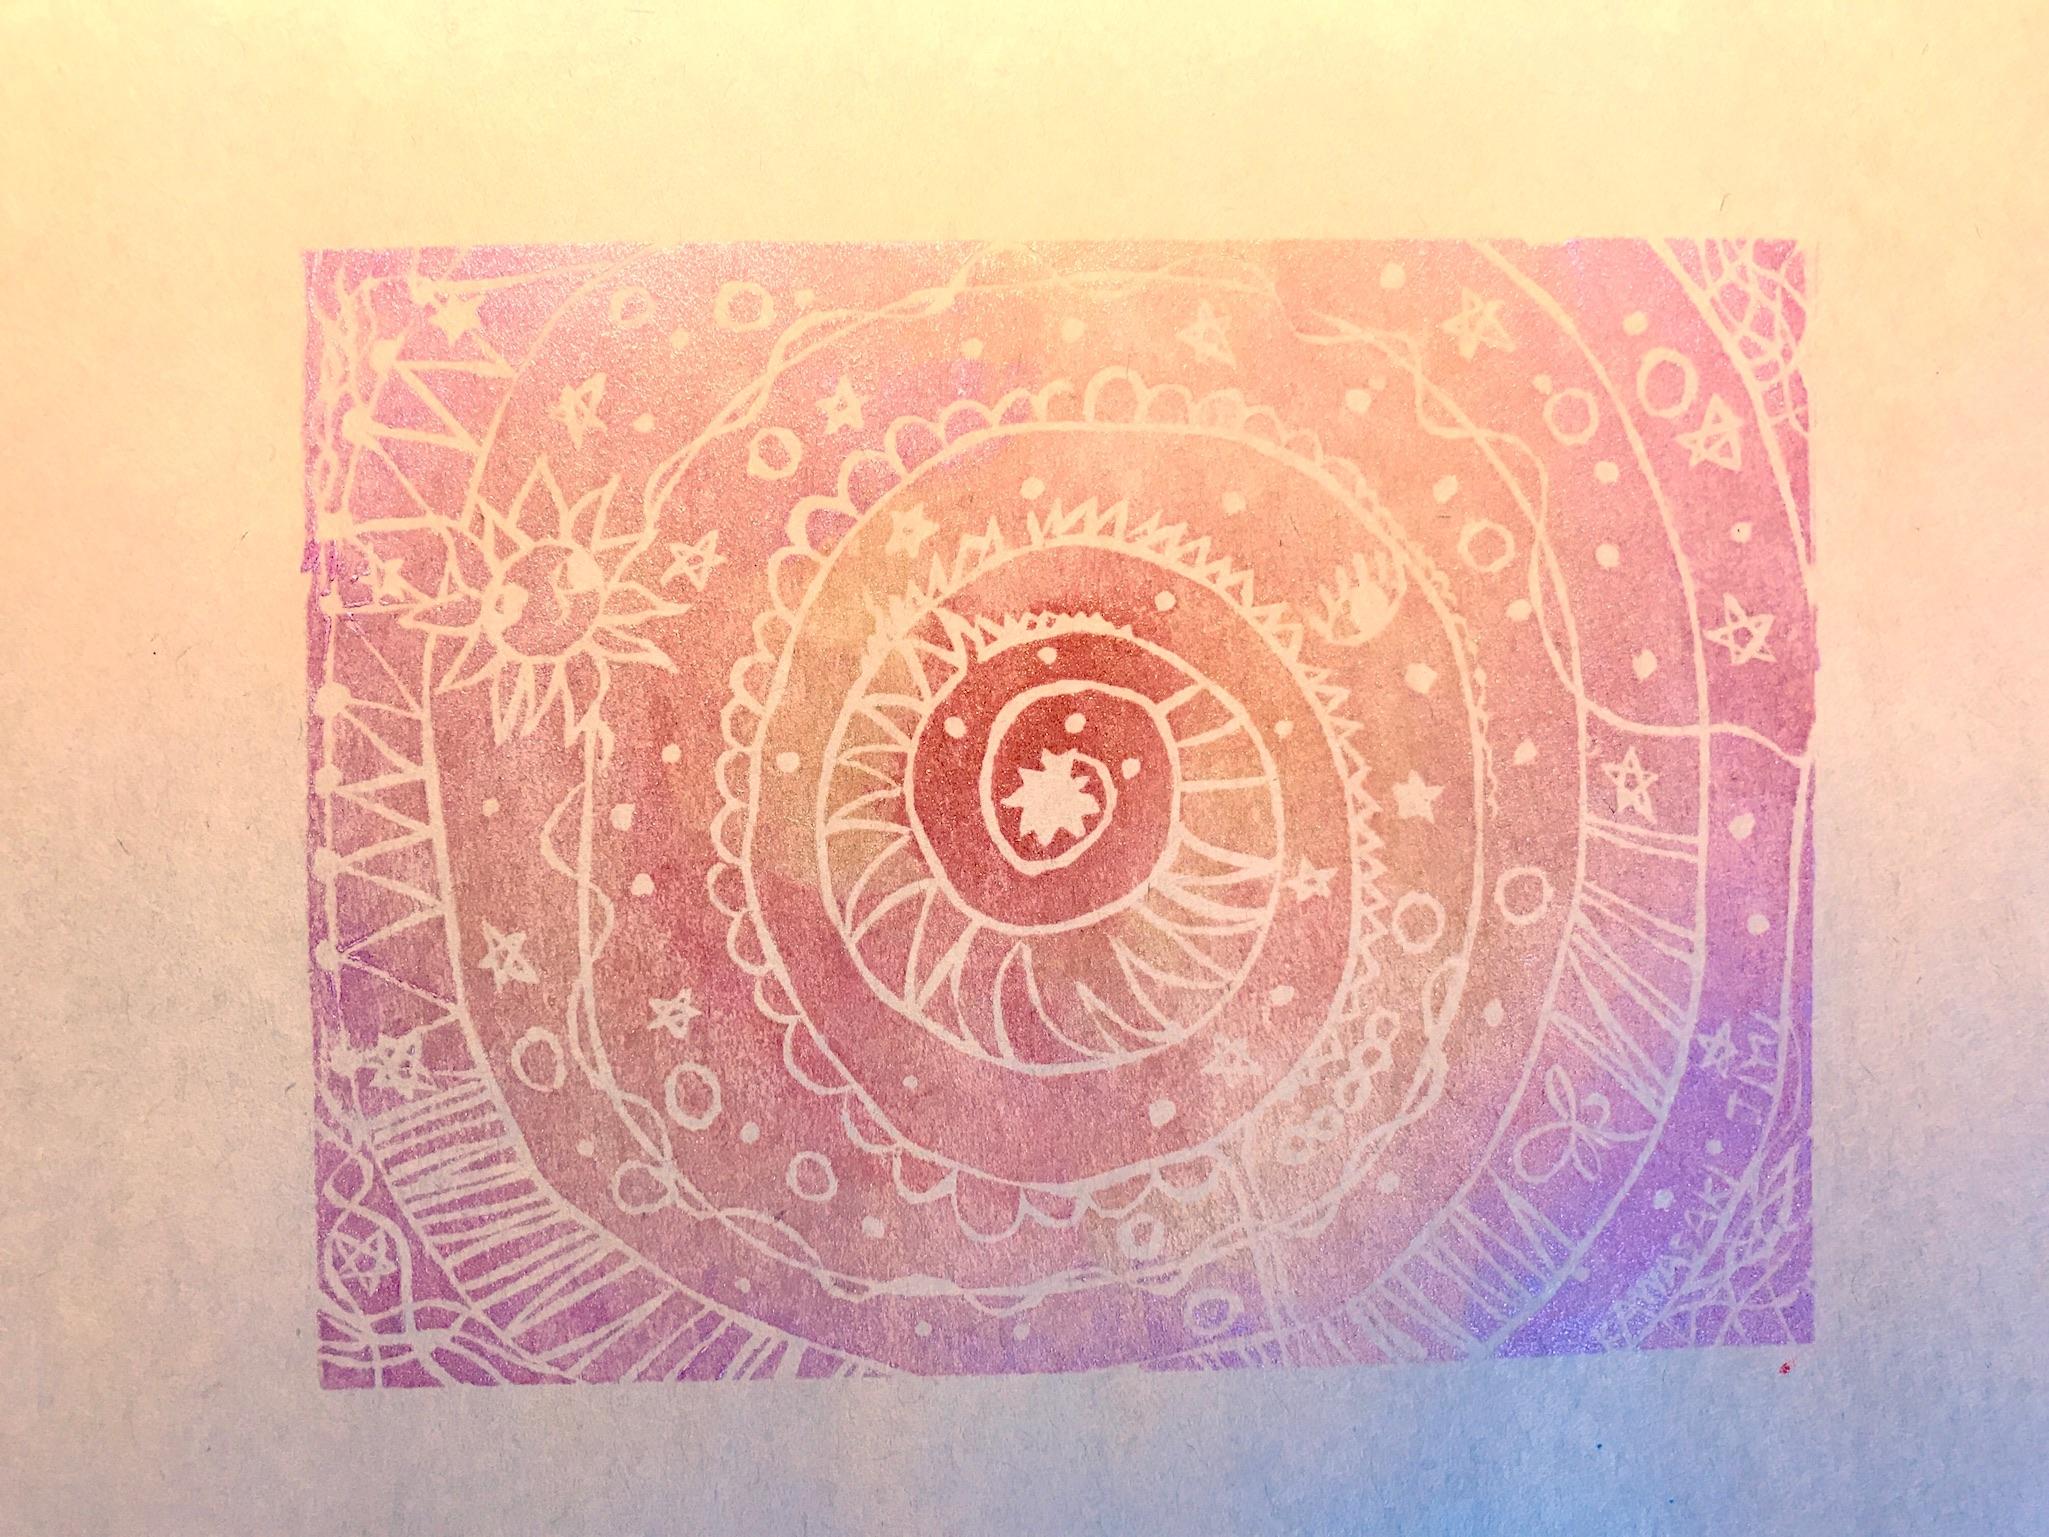 20 ケシゴムハンコアート NO20 題「時間」川崎じゆう